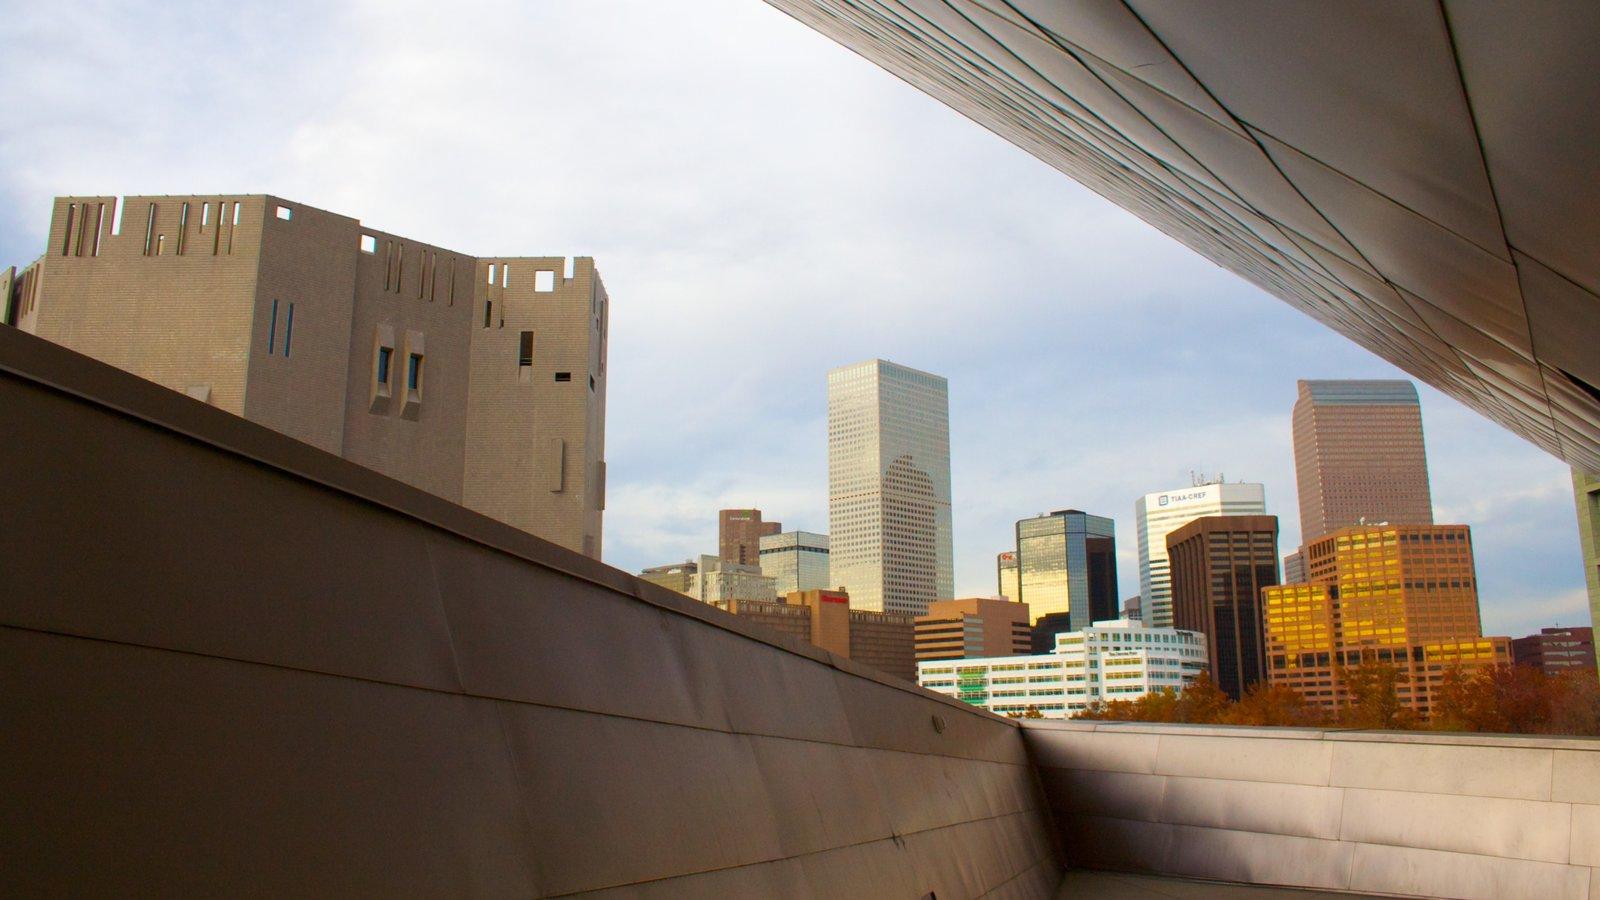 Denver Art Museum mostrando arquitetura de patrimônio